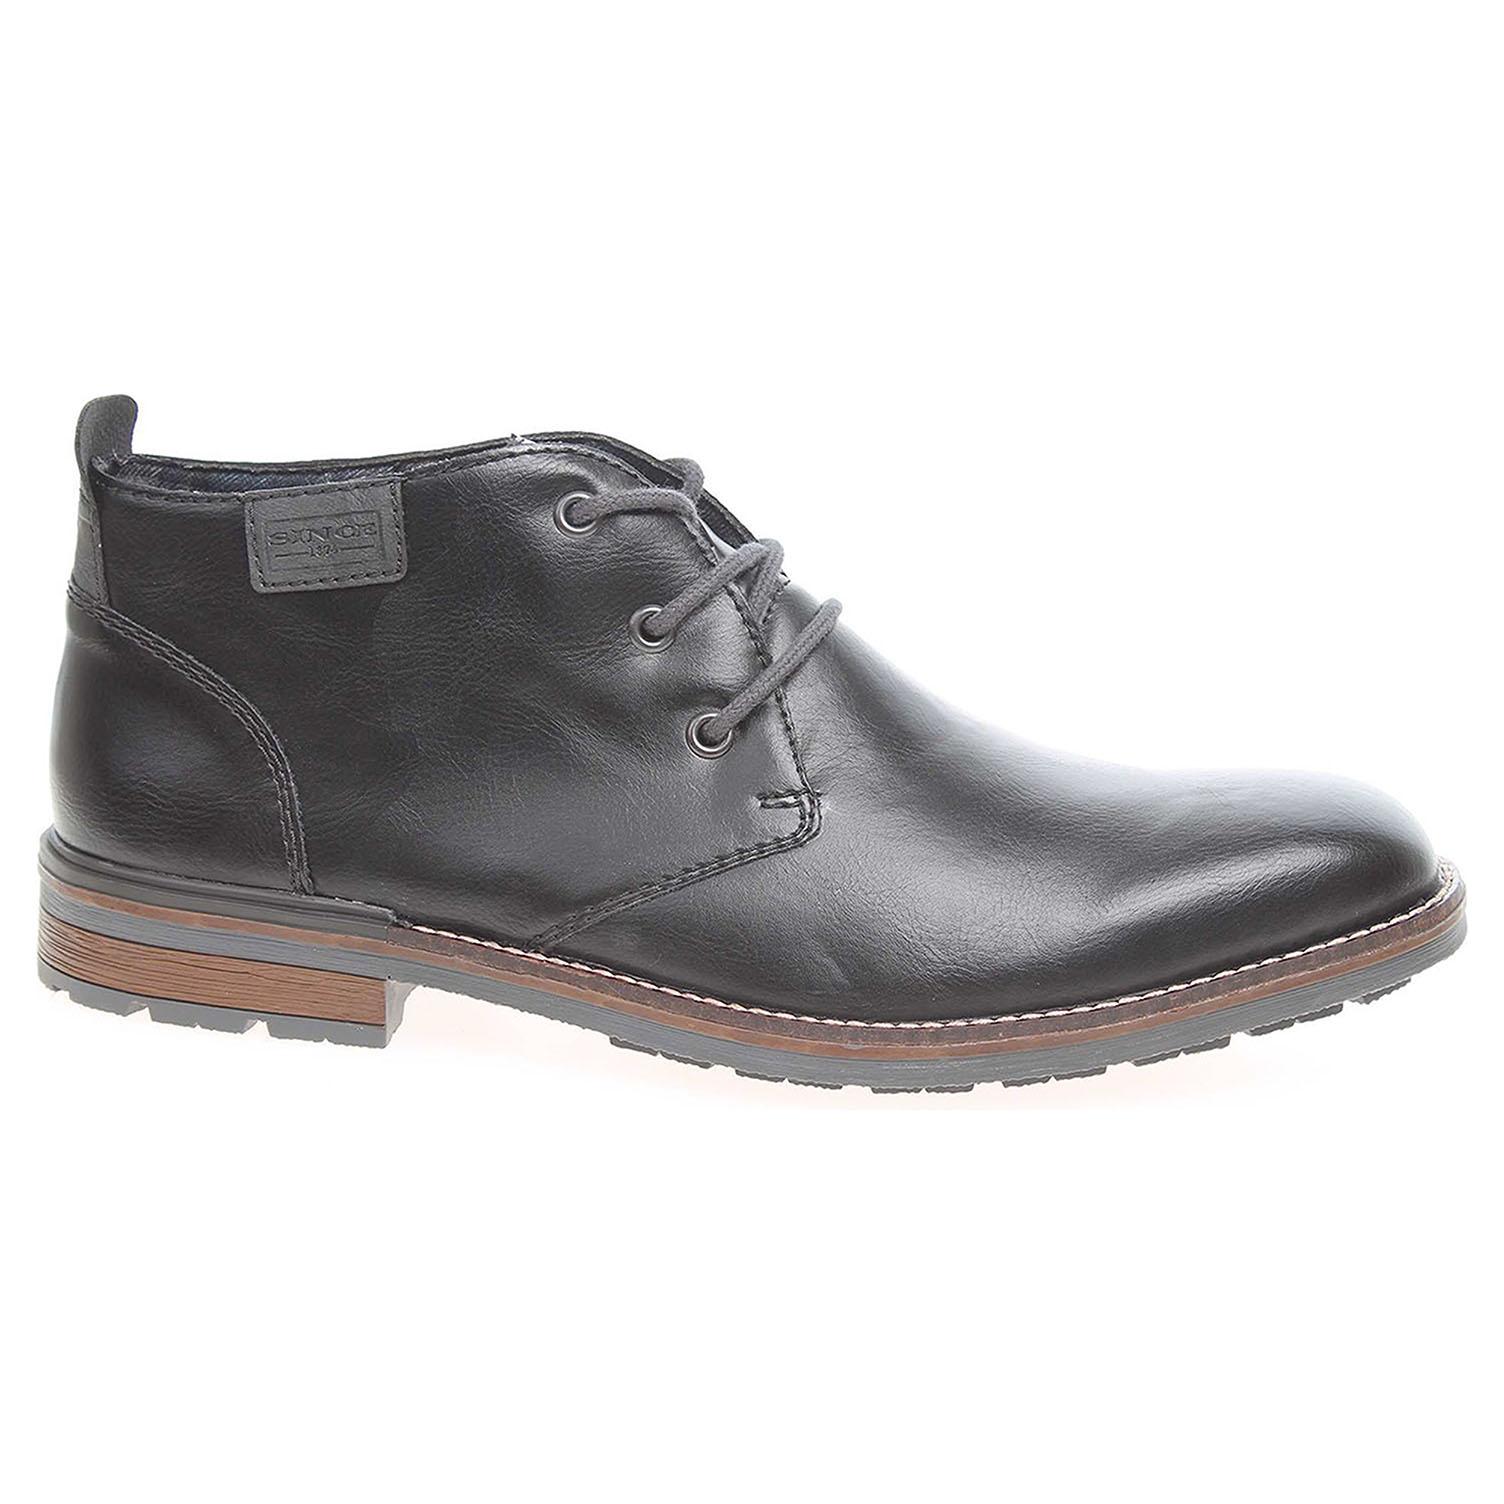 Pánská kotníková obuv Rieker B1340-00 černé B1340-00 42